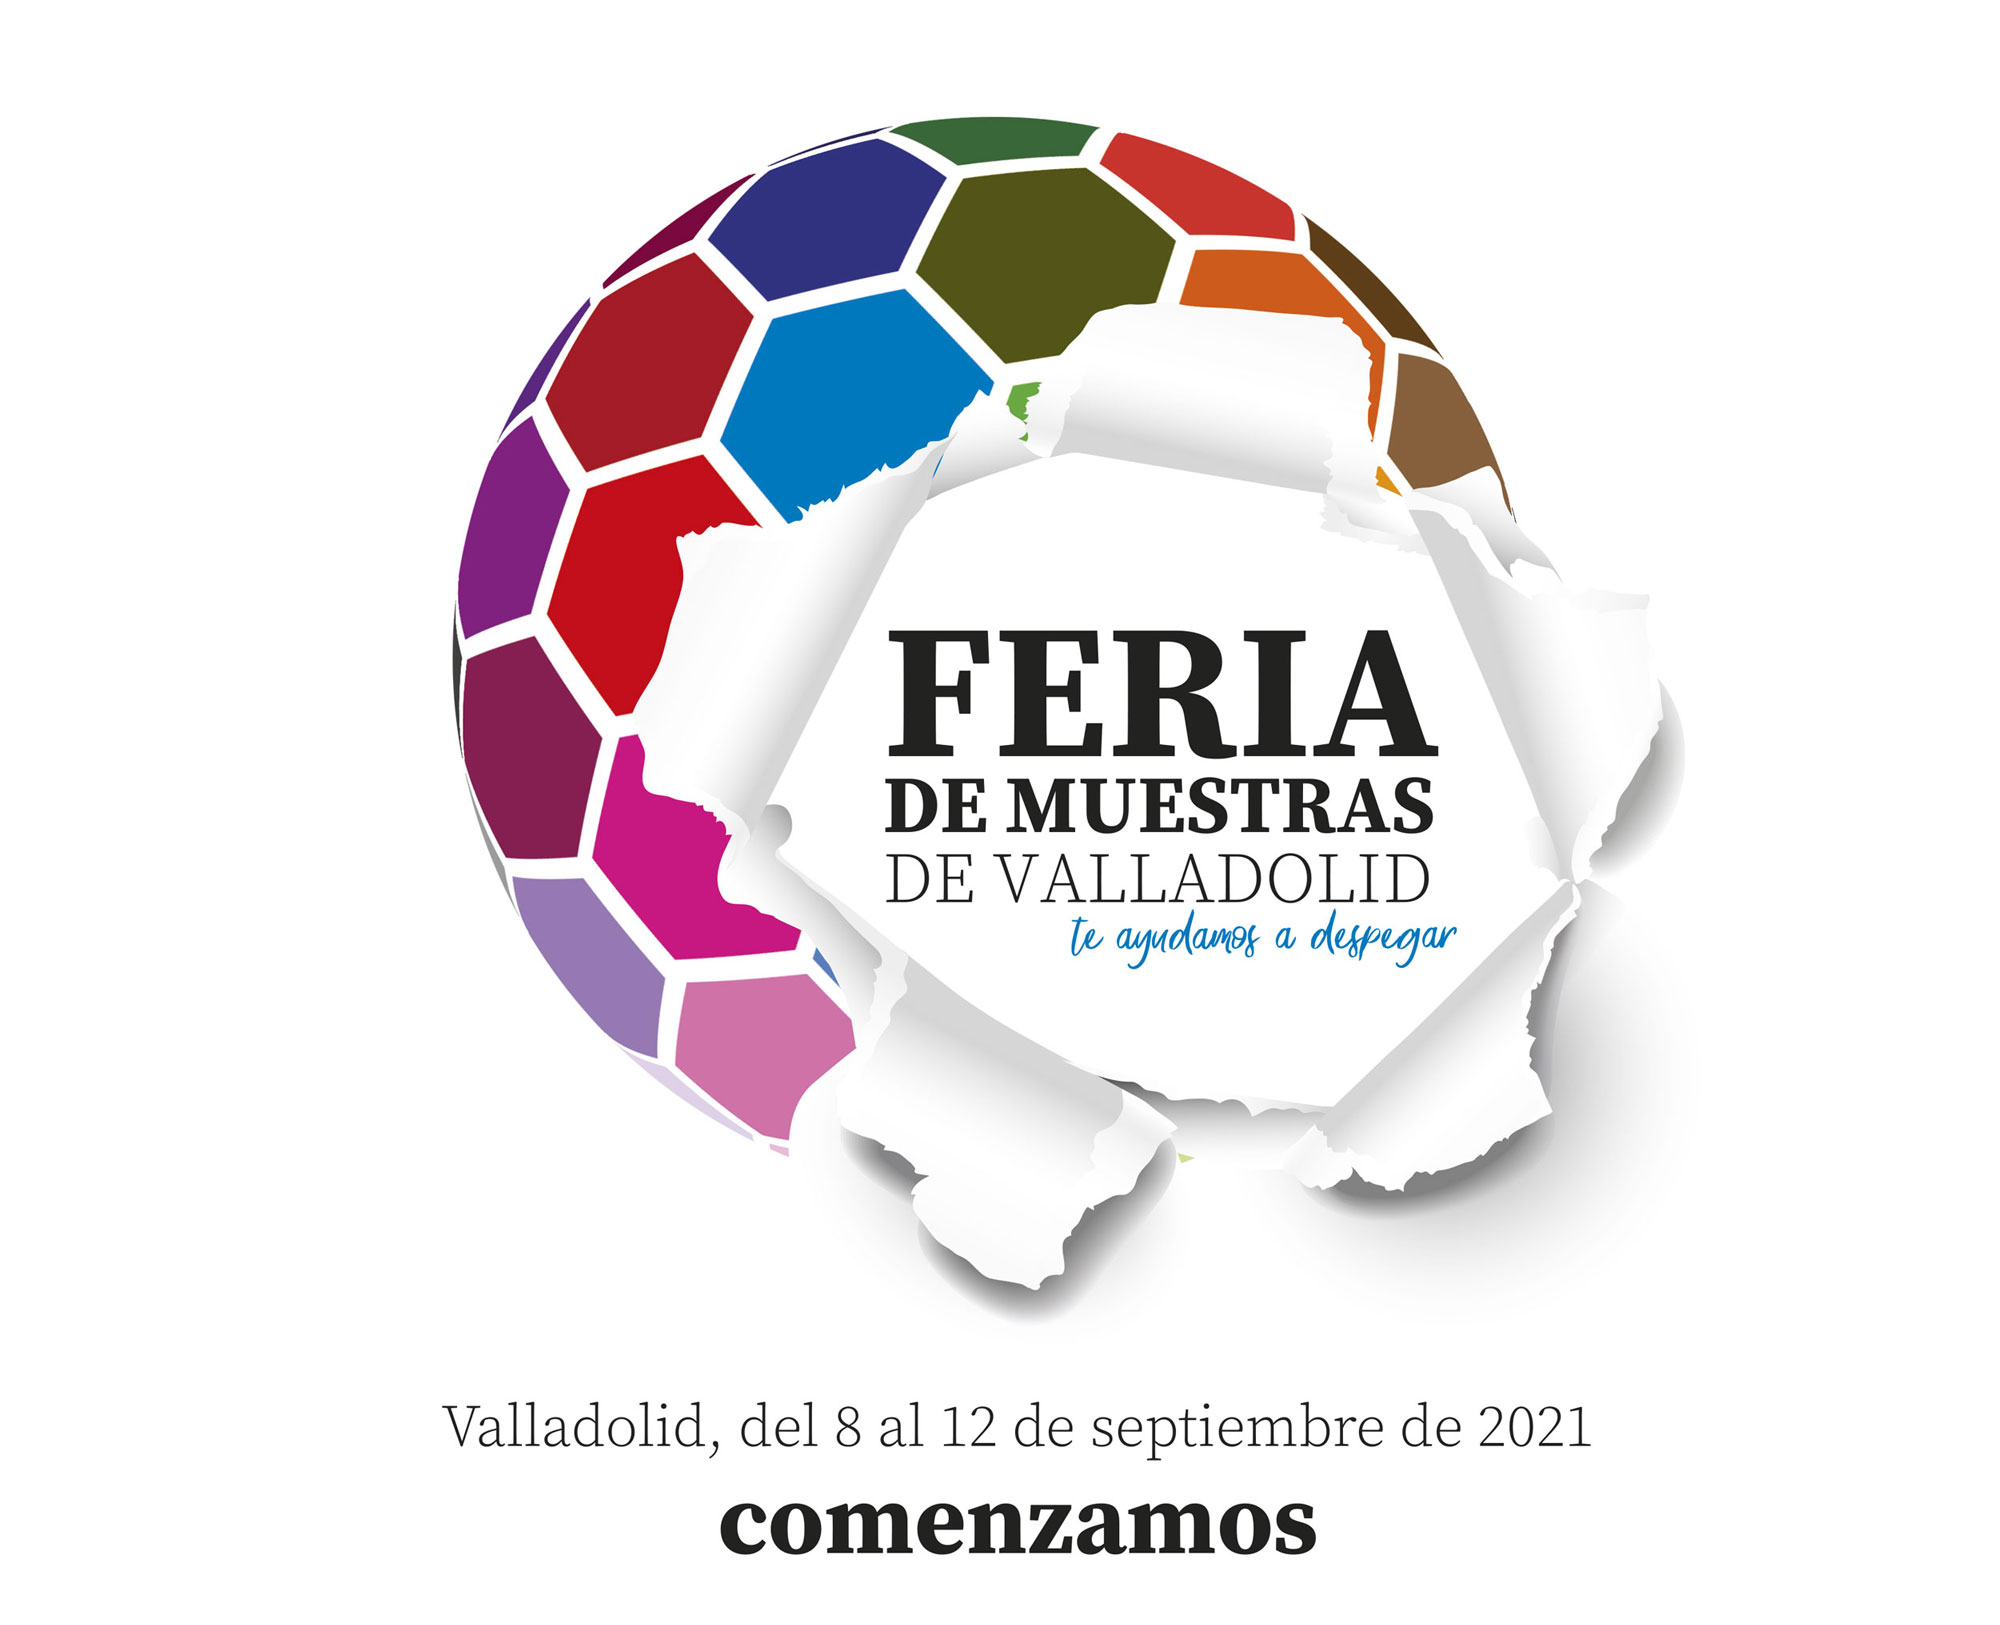 Feria de Muestras de Valladolid 2021